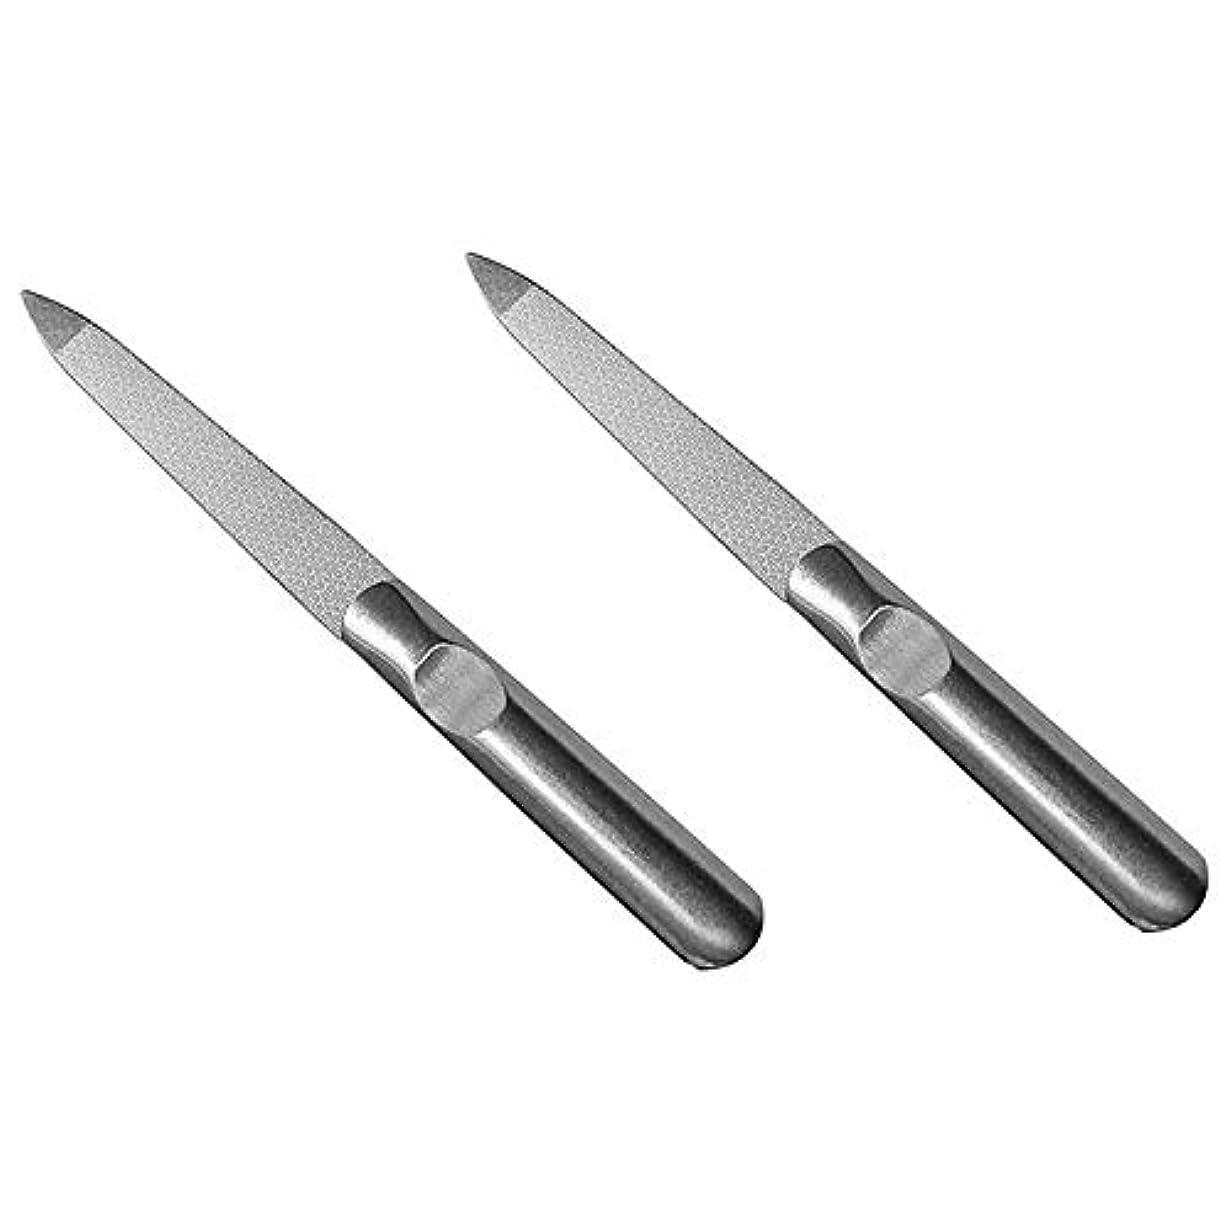 瞑想的スティック圧縮されたSODIAL 2個 ステンレススチール ネイルファイル 両面マット アーマー美容ツール Yangjiang爪 腐食の防止鎧